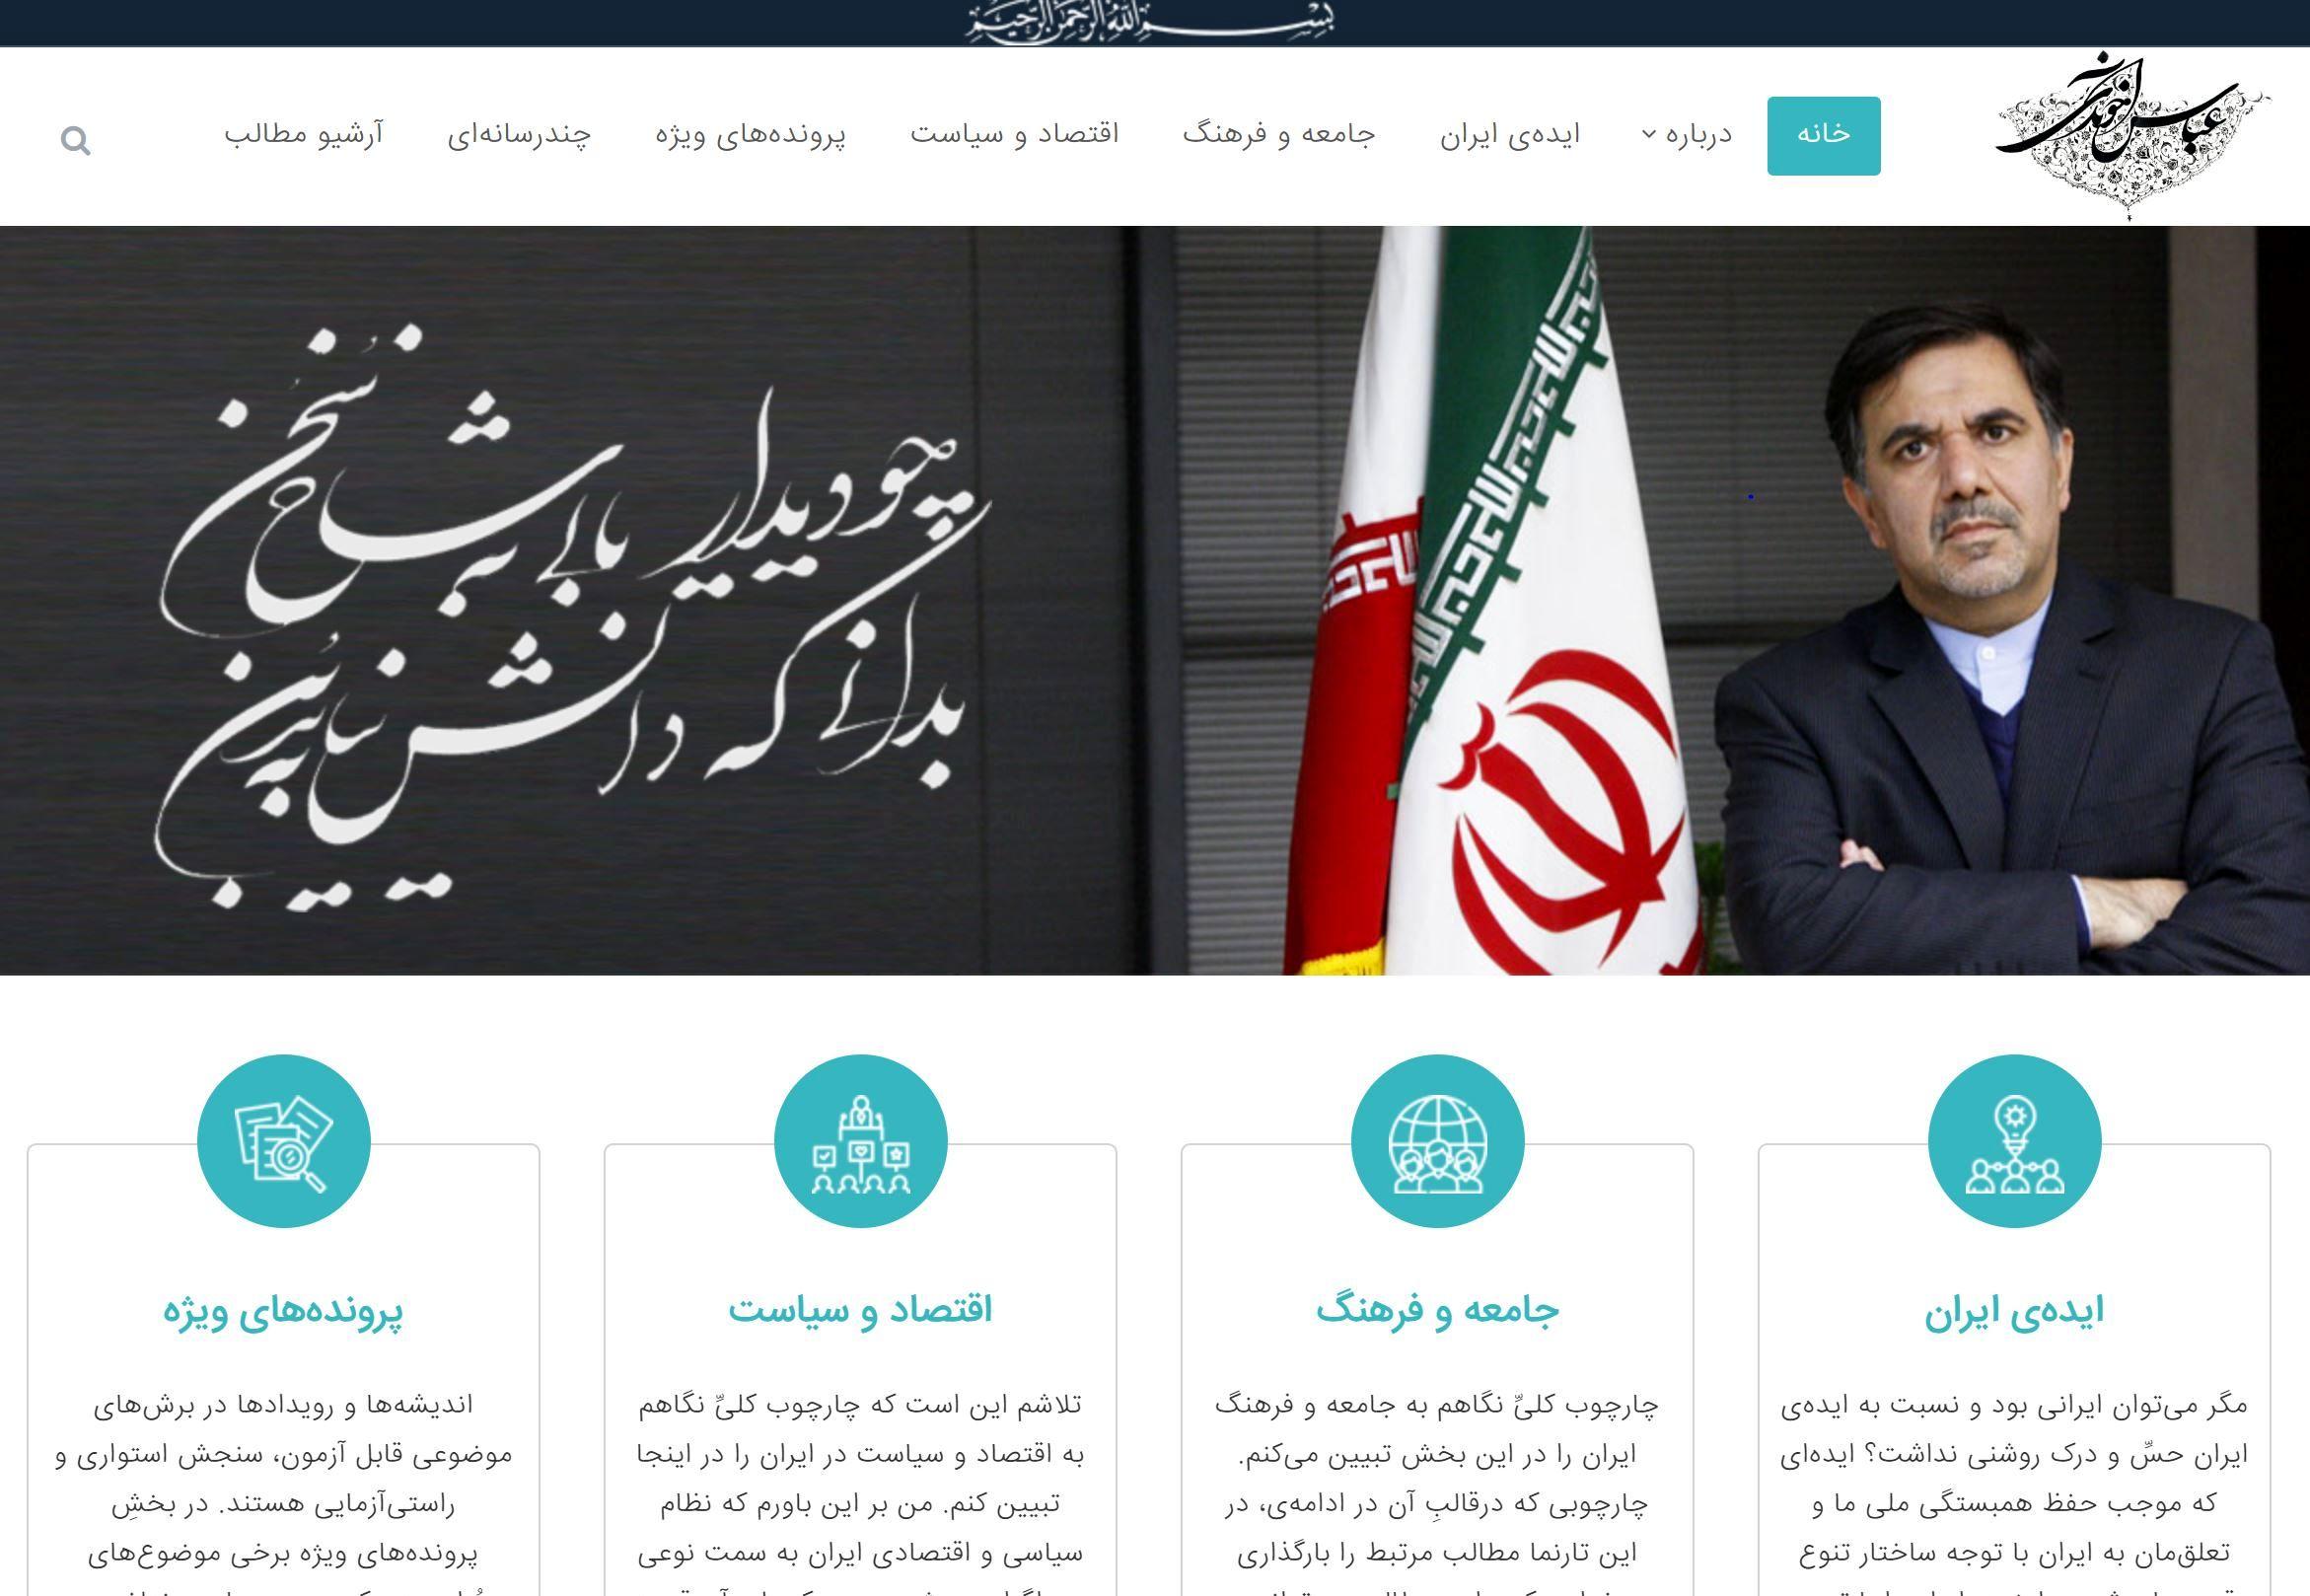 وبسایت عباس آخوندی رونمایی شد